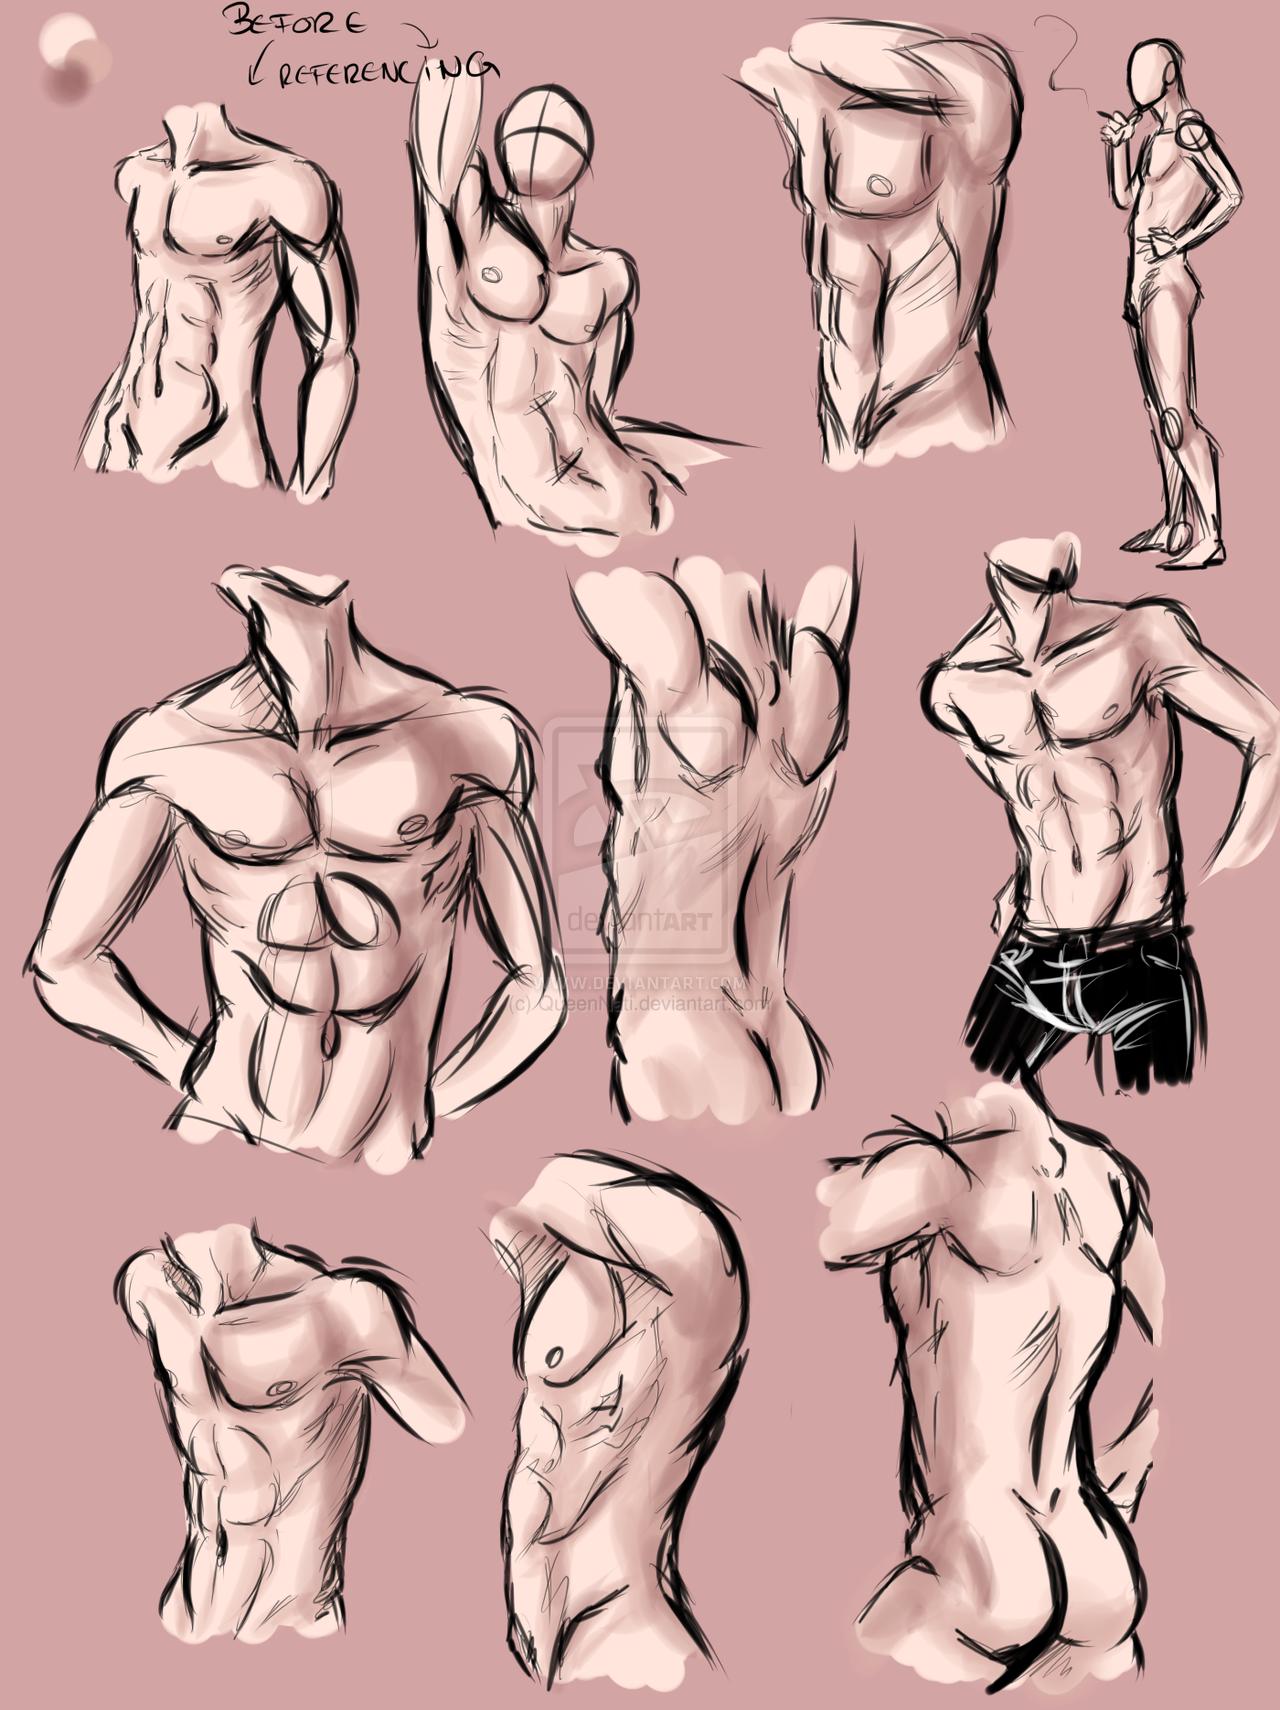 male anatomy practice by queennati | Art Help | Pinterest | Anatomy ...